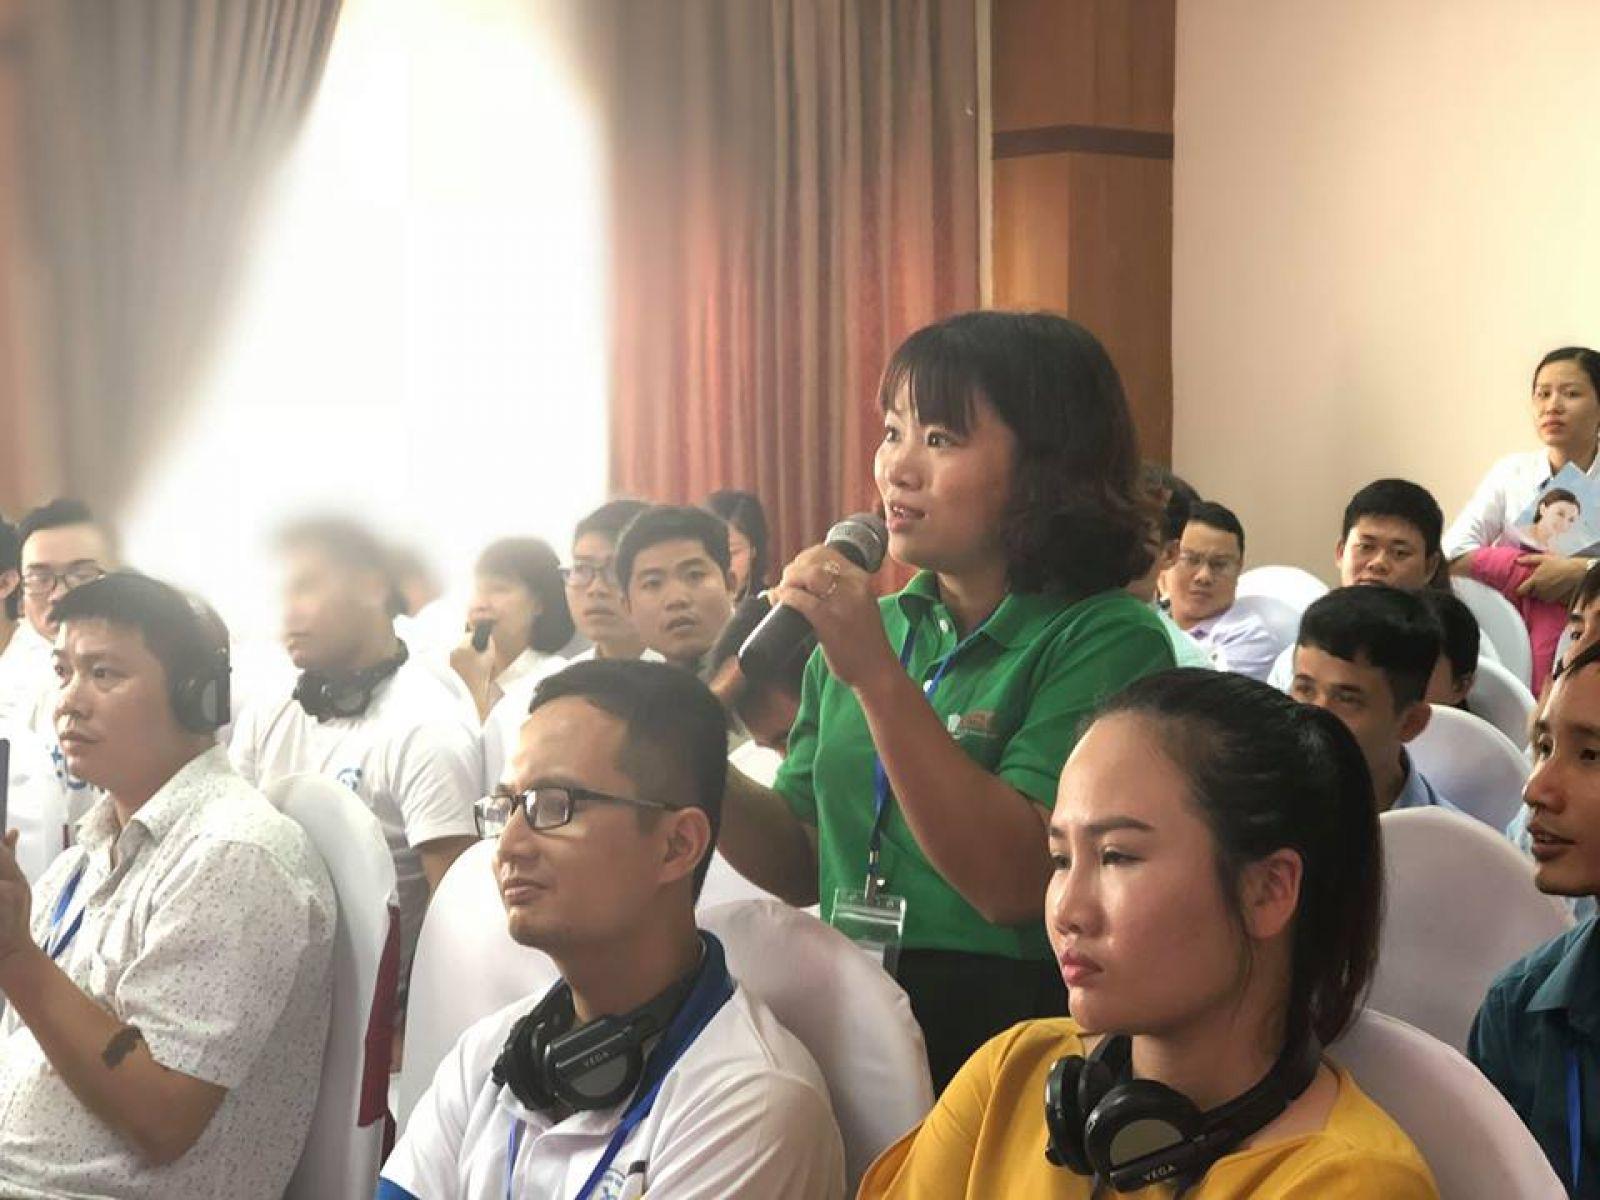 Phần thuyết trình của các nhóm dự án thu hút sự quan tâm của đông đảo người tham dự